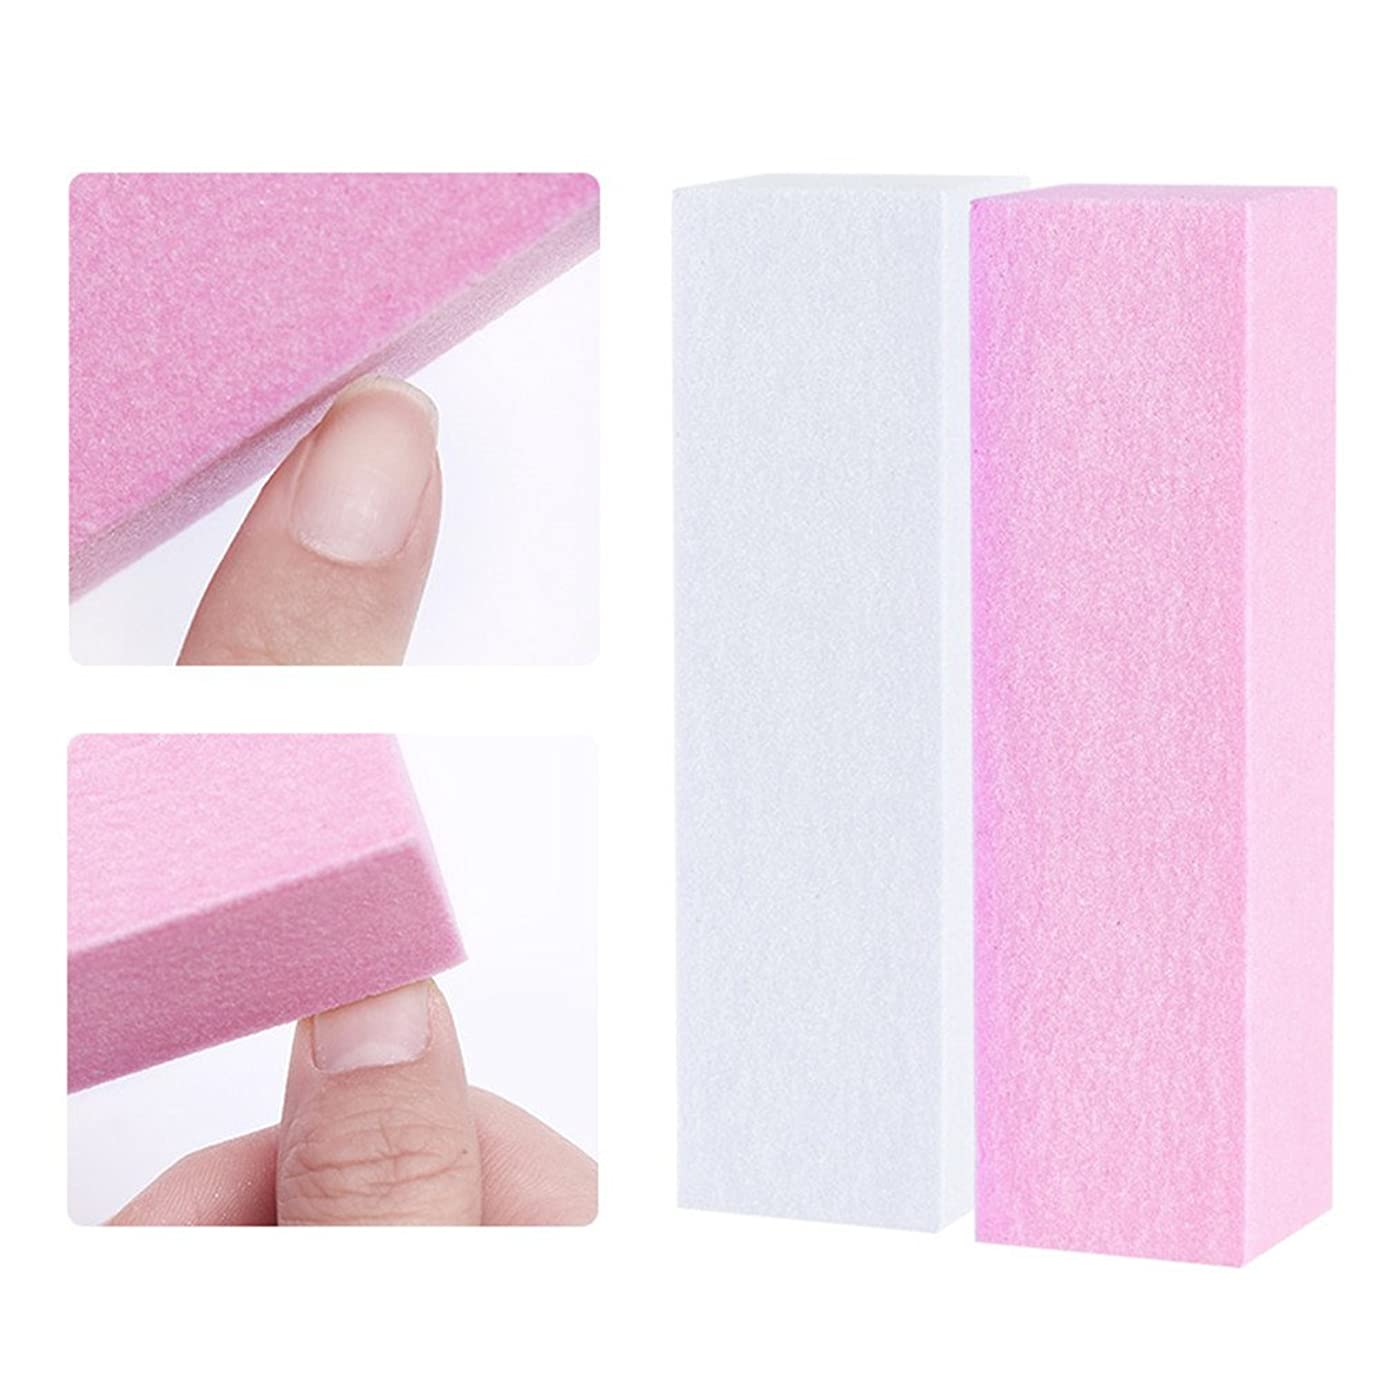 並外れた統合するトレイルNICOLE DIARY 10個セット ネイルバッファー つめ磨き ピンク ホワイト ブロック ネイルアートツール [並行輸入品]